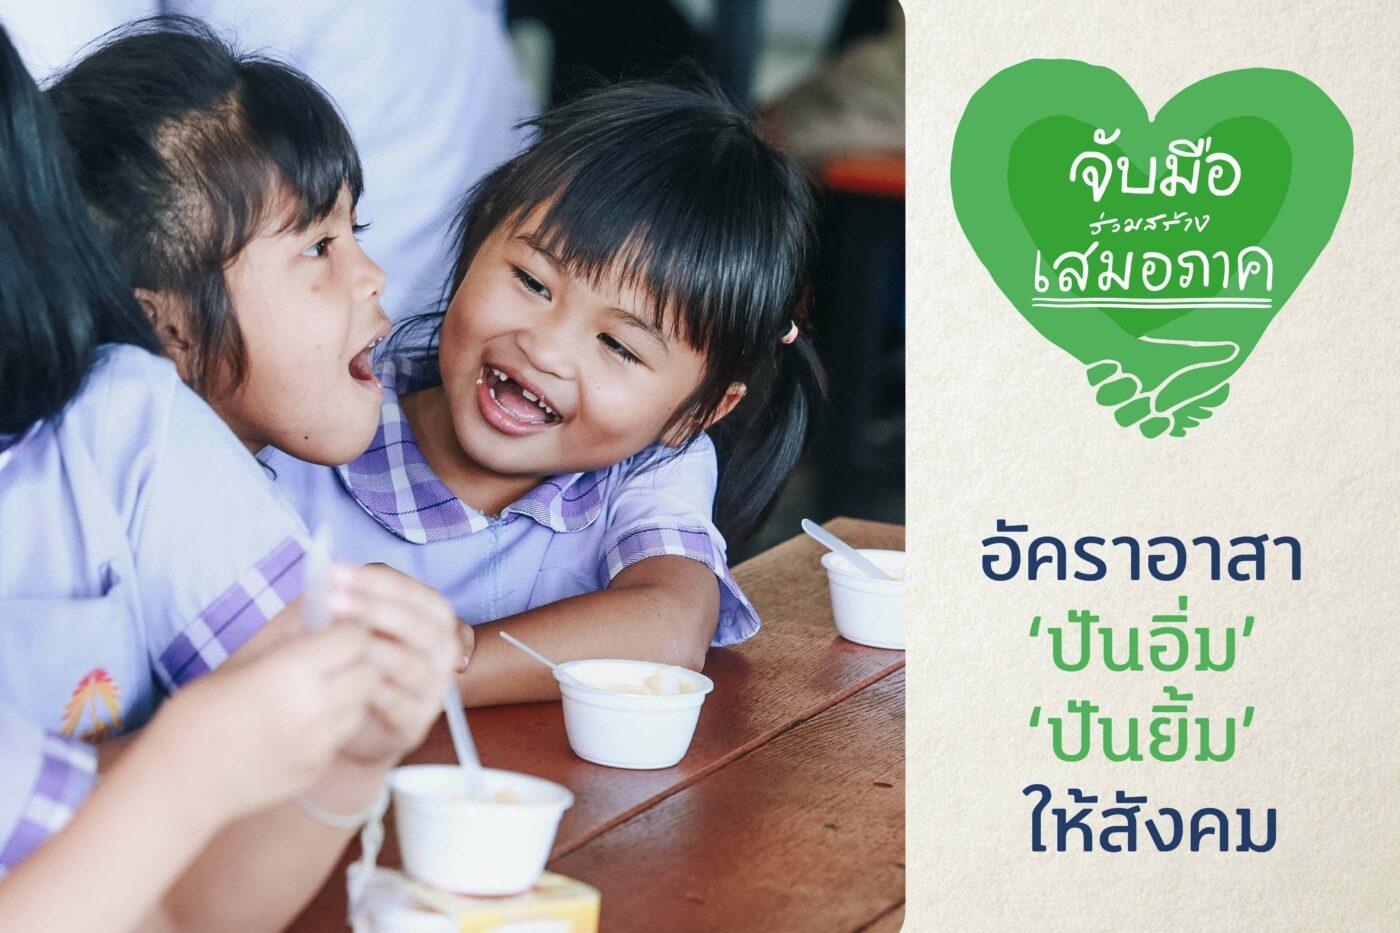 กสศ. ผนึกอัคราสร้างความมั่นคงทางอาหารเด็กนักเรียนทุนเสมอภาคอิ่มท้อง